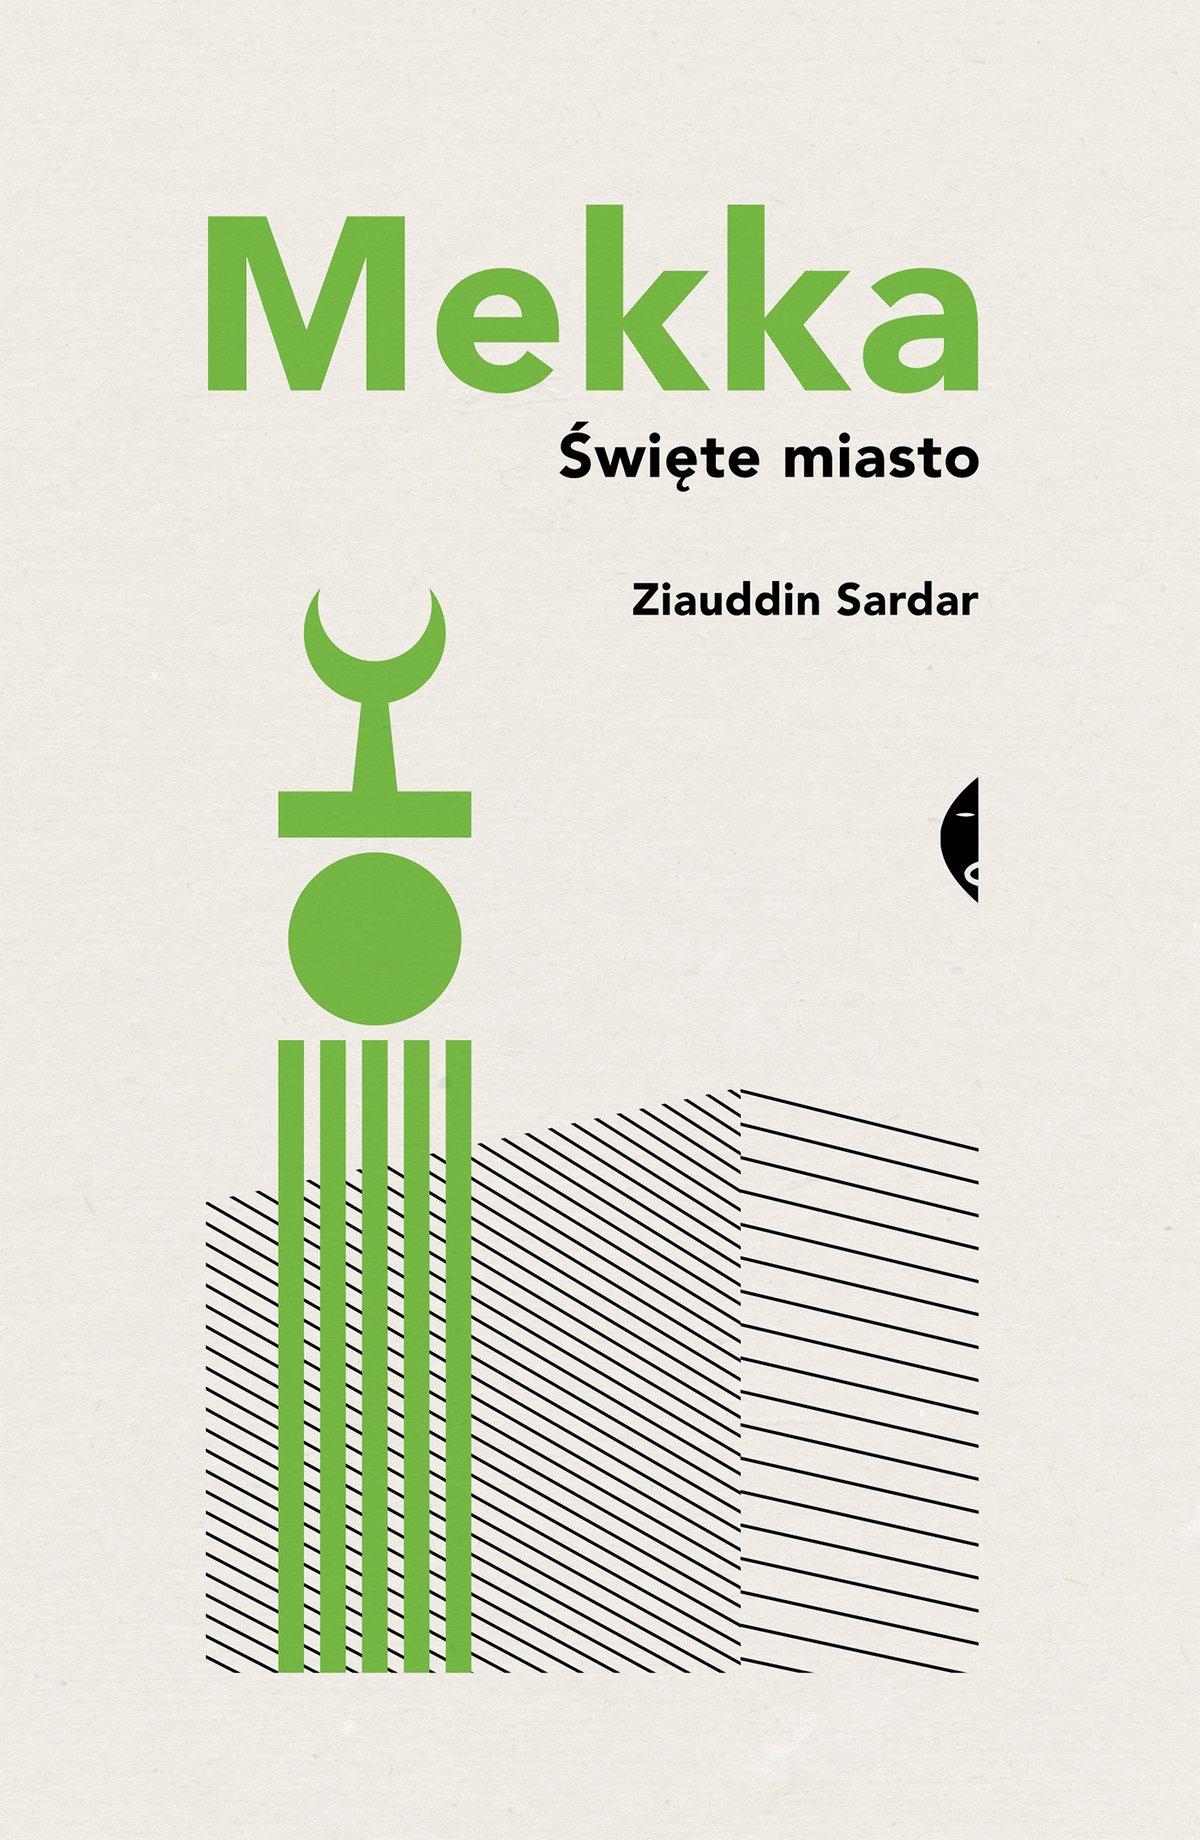 Mekka - Ebook (Książka EPUB) do pobrania w formacie EPUB